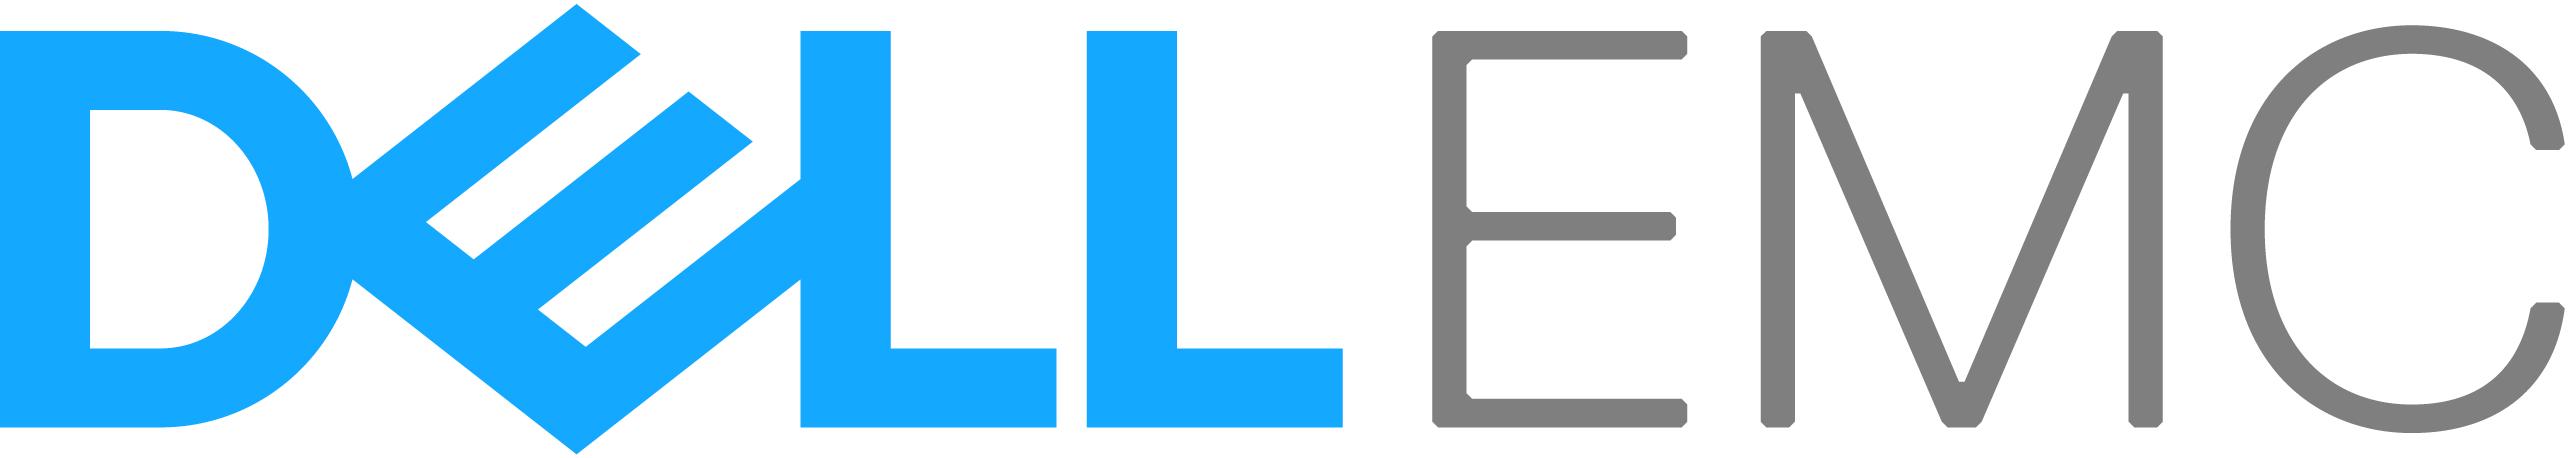 DellEMC_Logo_Prm_Blue_Gry_4c (002)